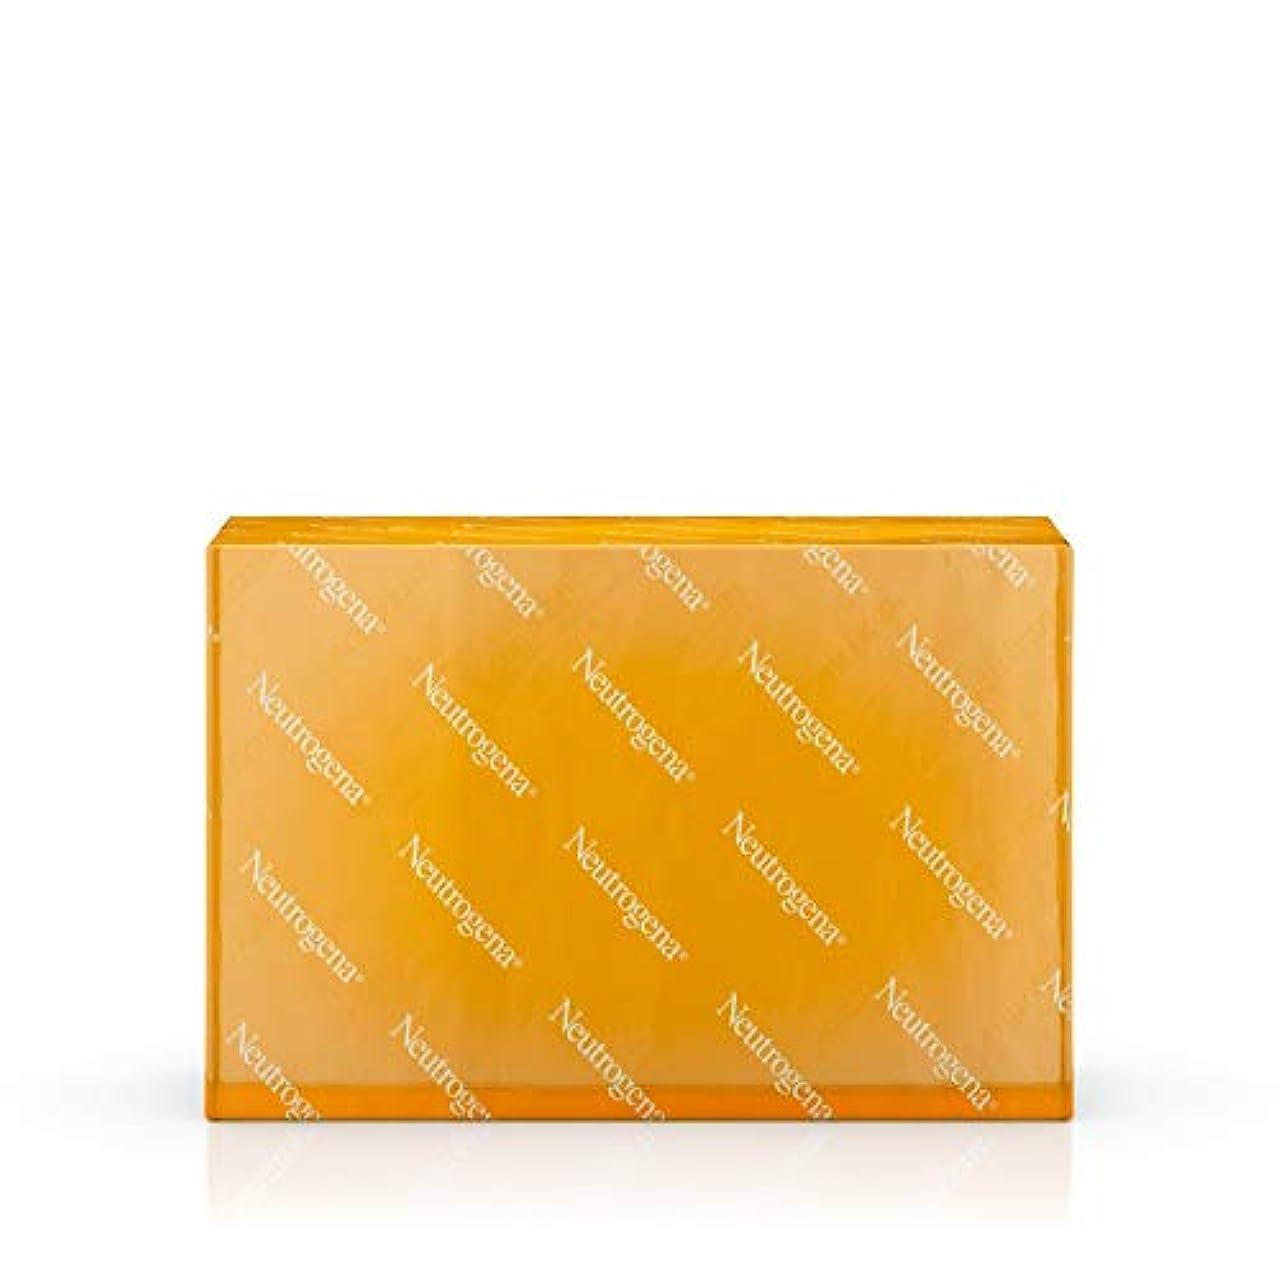 マントルクモプレーヤー海外直送品 Neutrogena Neutrogena Transparent Facial Bar Soap Fragrance Free, Fragrance Free 3.5 oz